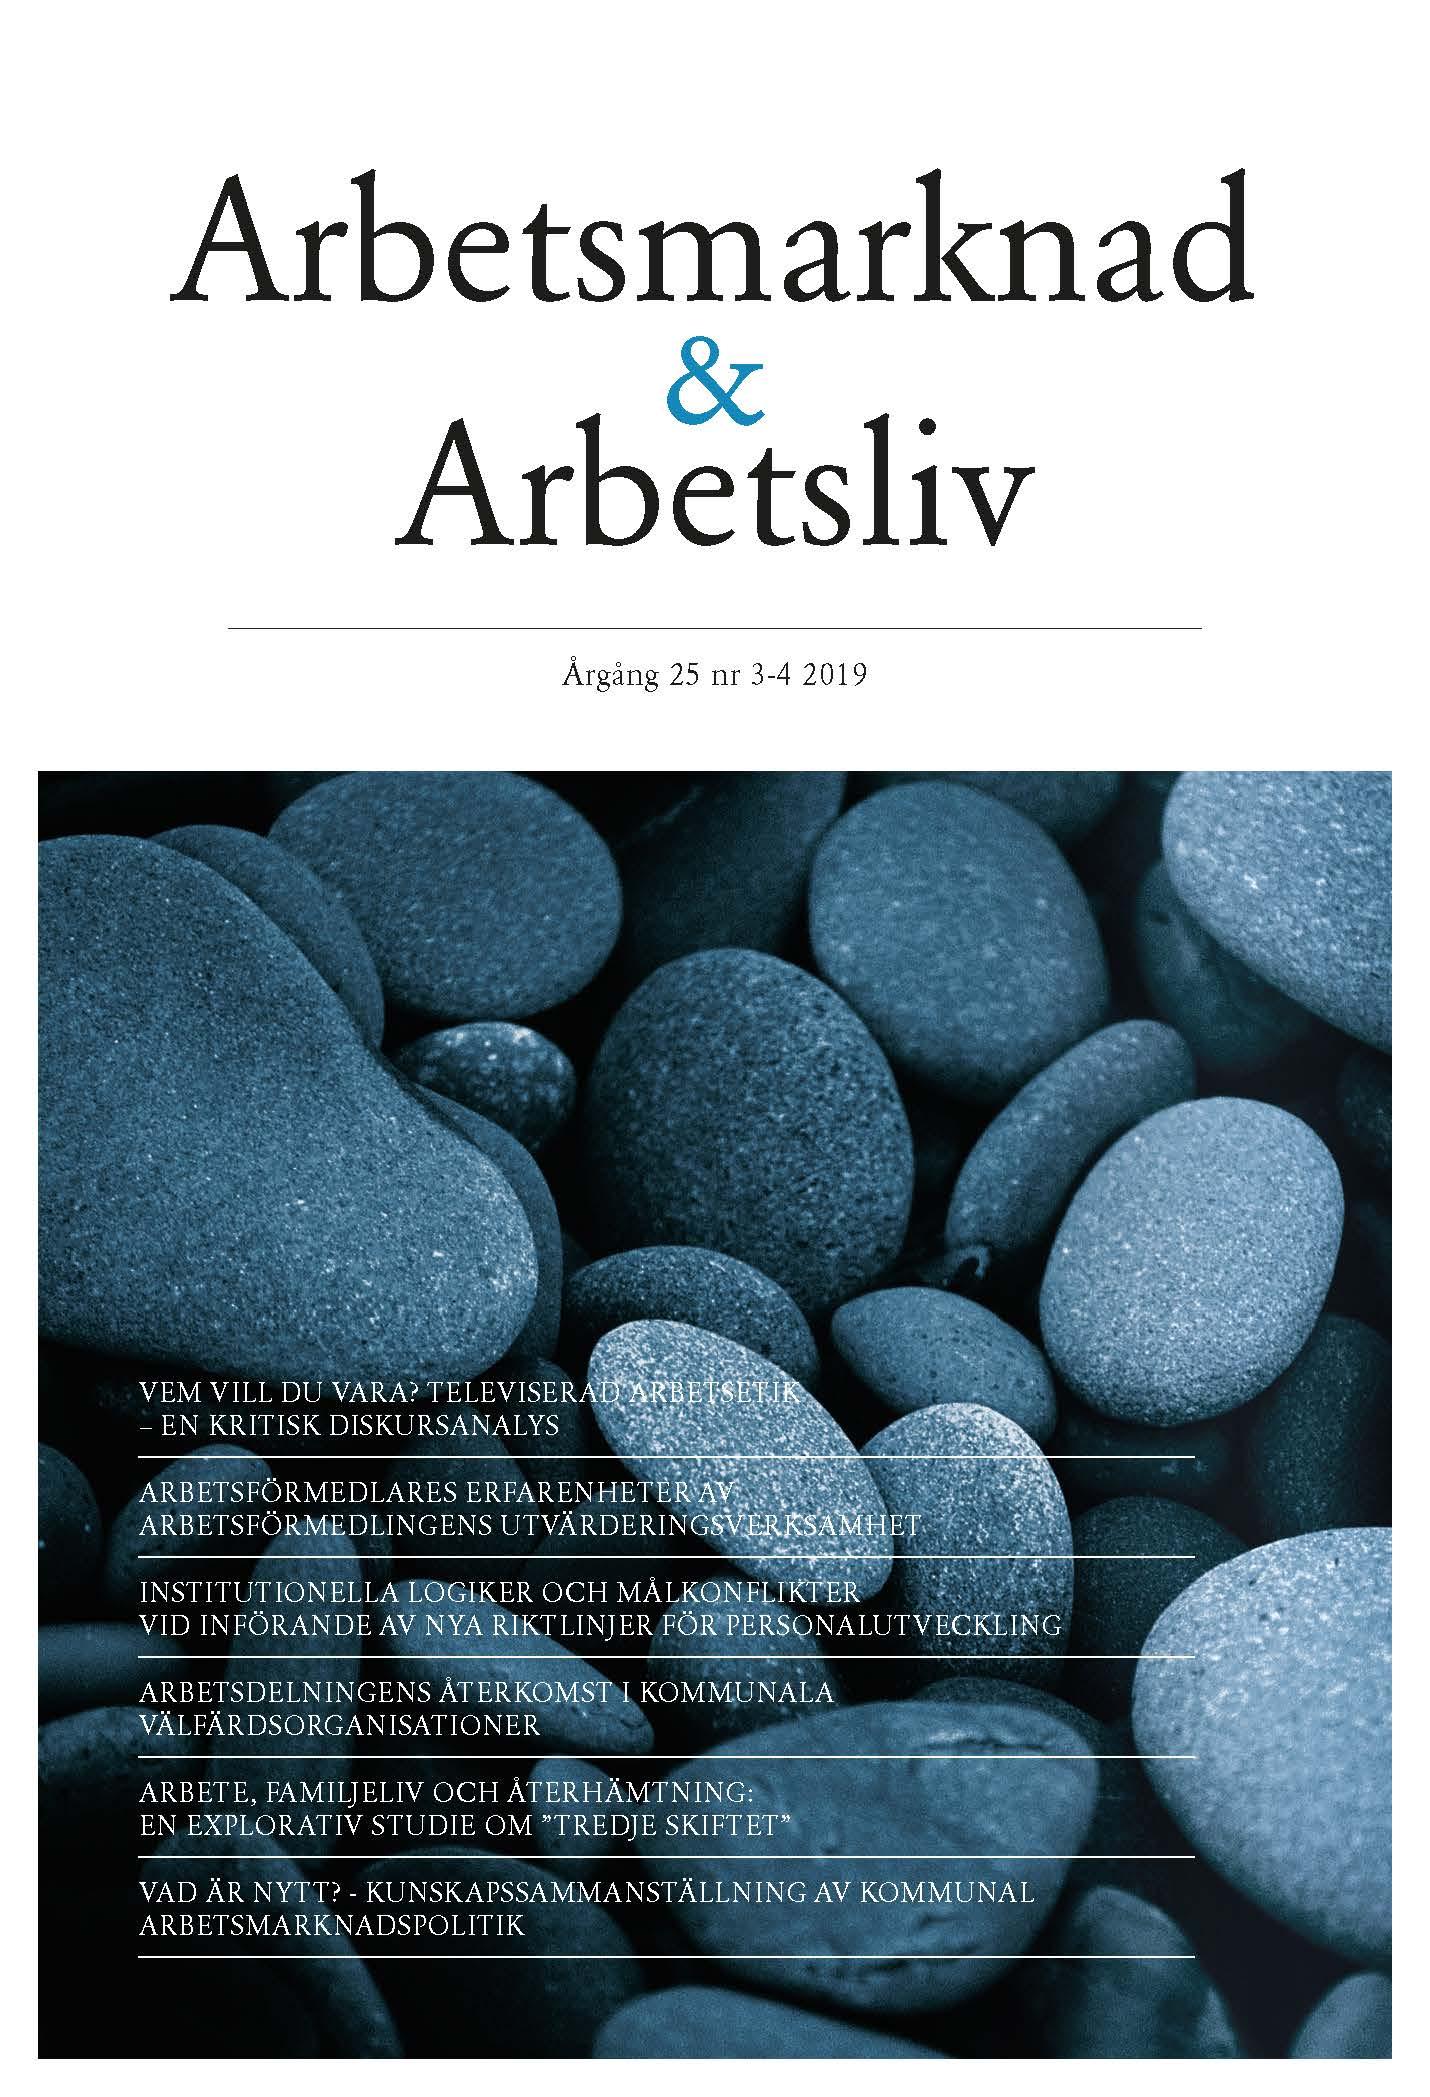 Visa Vol 25 Nr 3-4 (2019): Arbetsmarknad & Arbetsliv